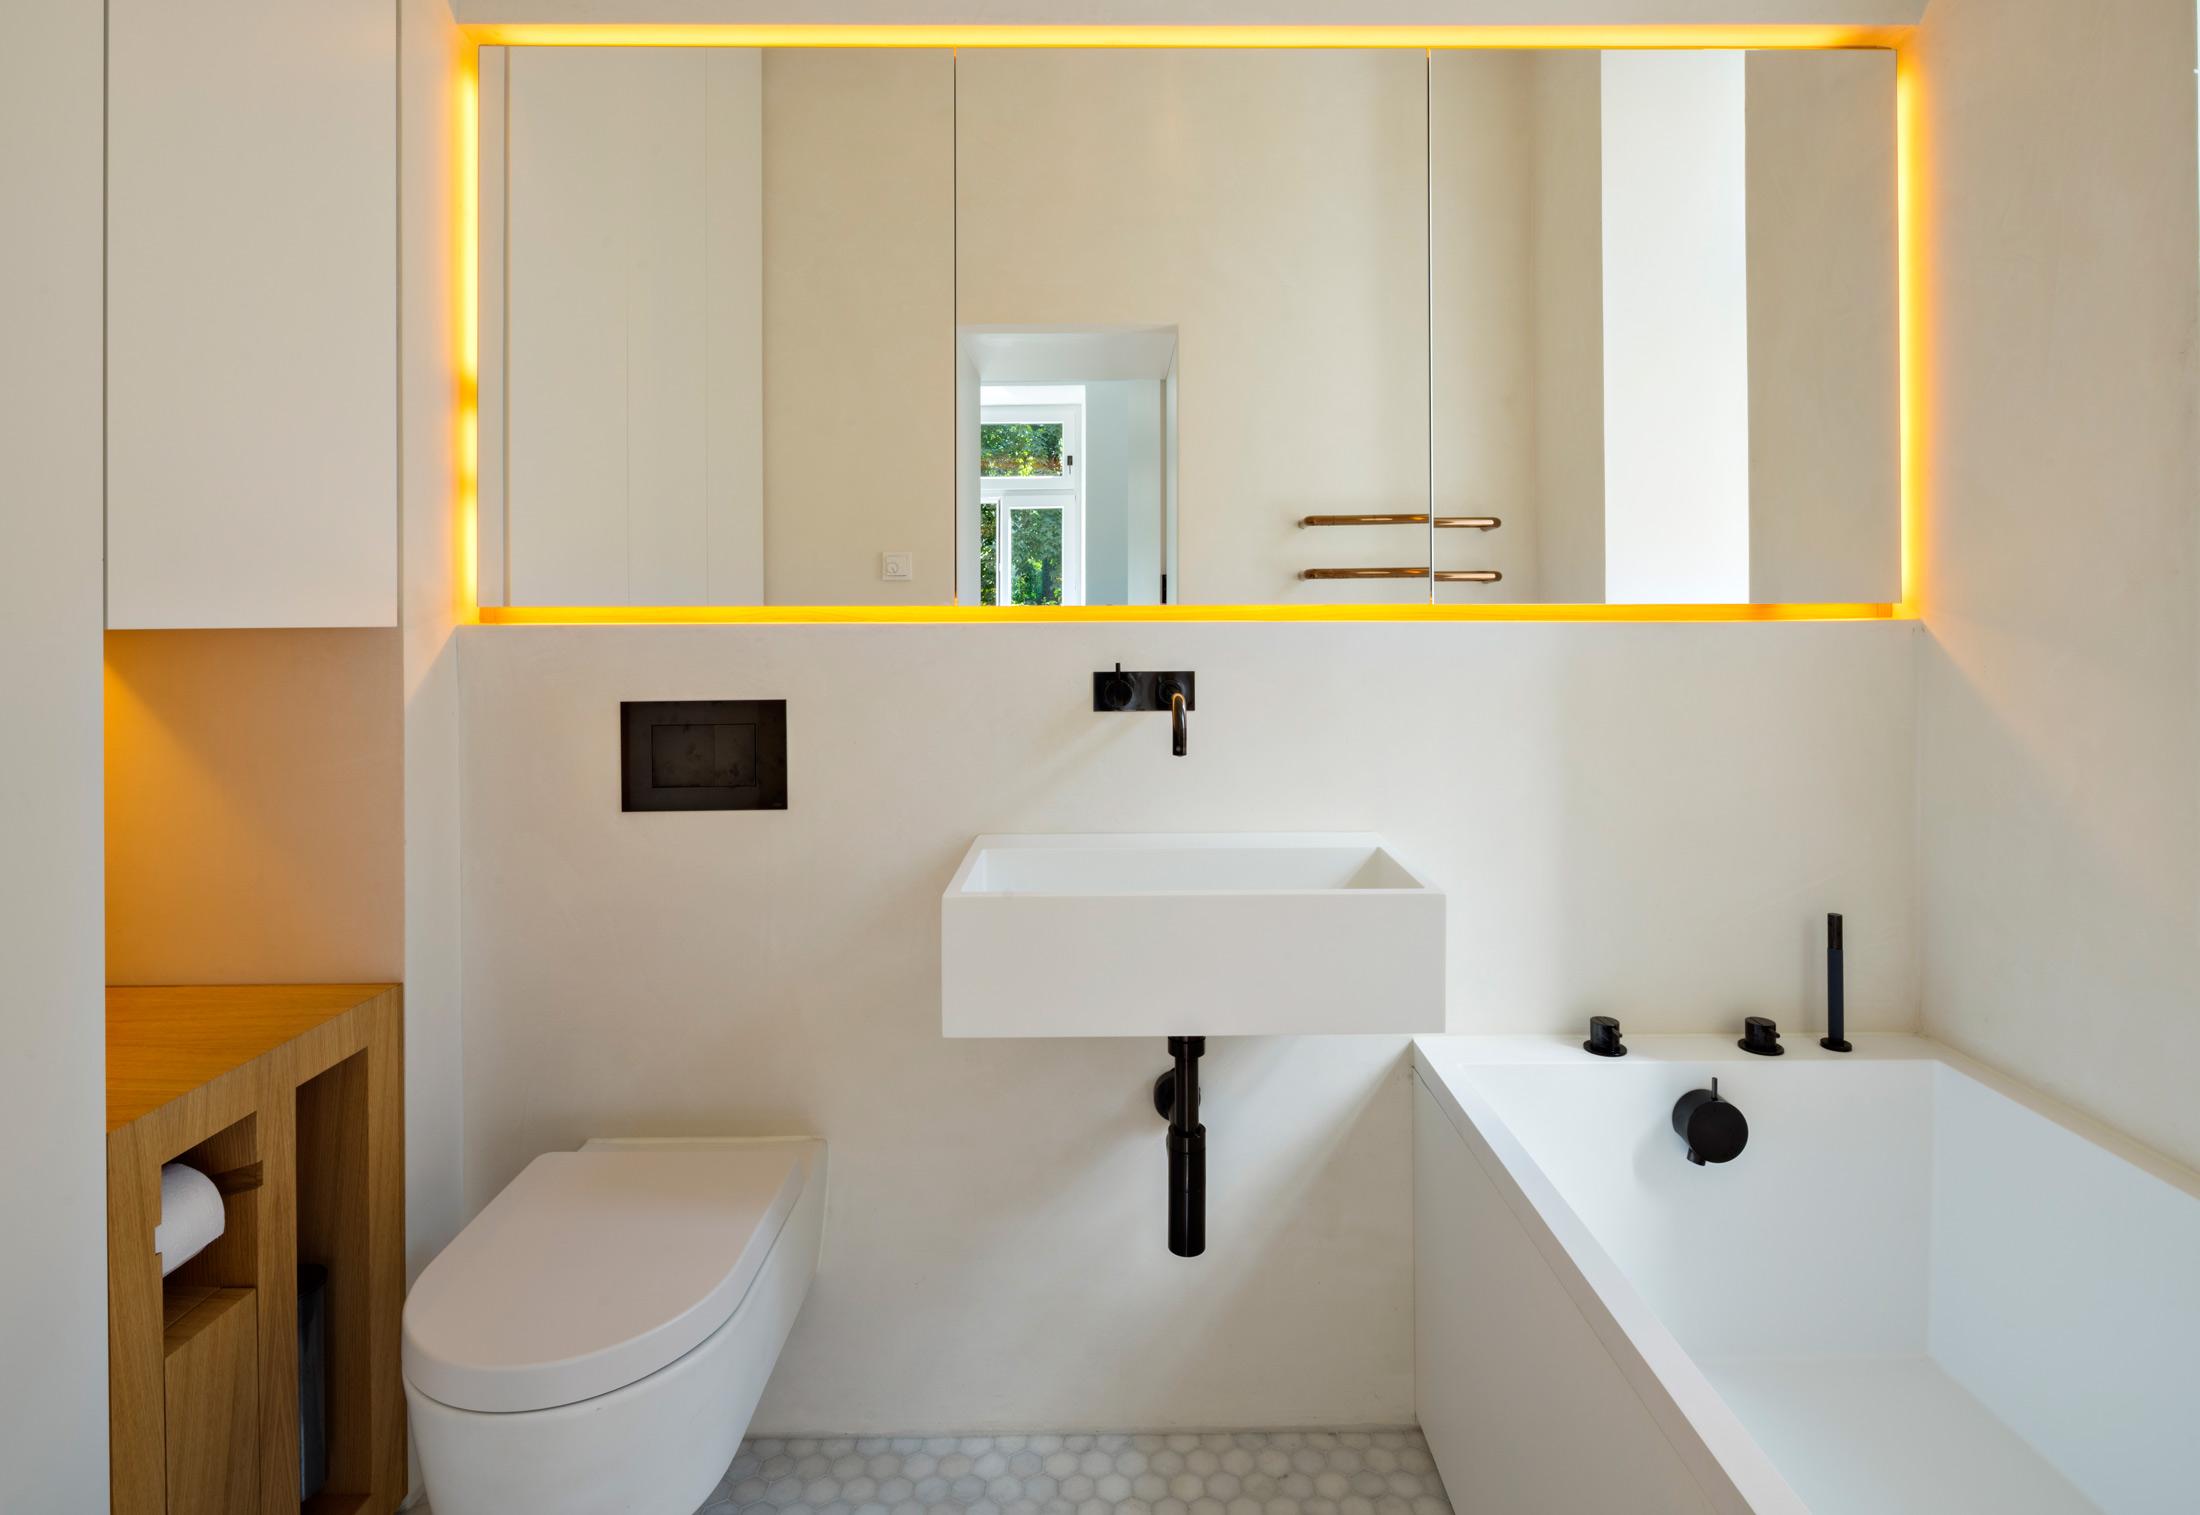 drunt in der gr nen au by holzrausch stylepark. Black Bedroom Furniture Sets. Home Design Ideas